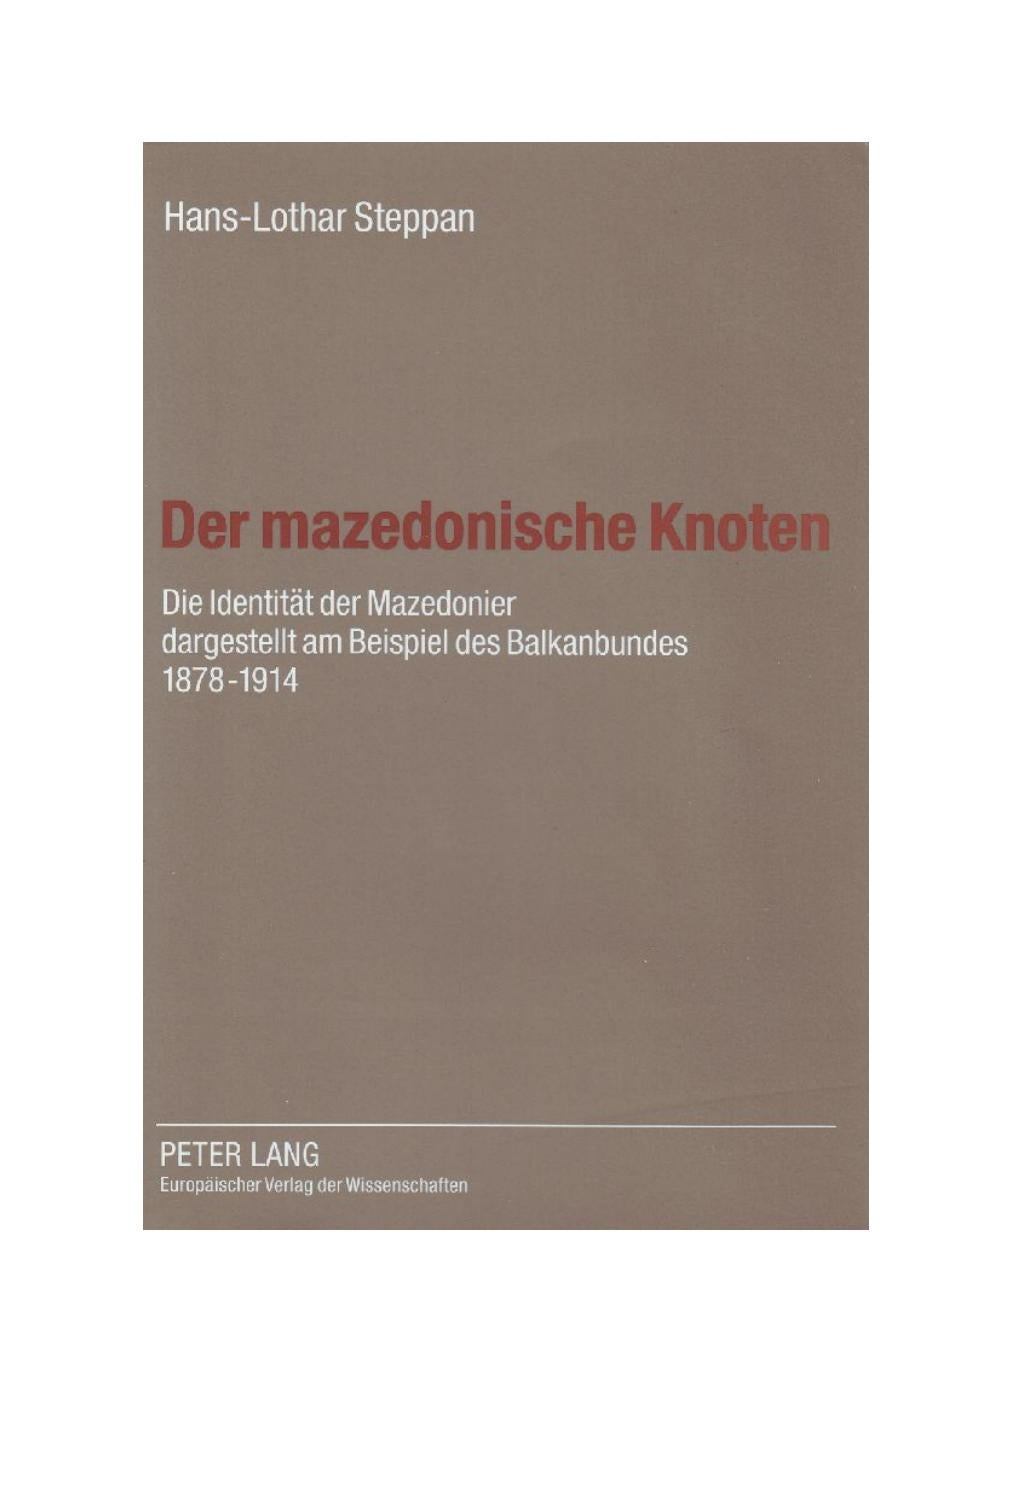 Der mazedonische Knoten - Hans-Lothar Steppan by Sonjce Marceva - issuu